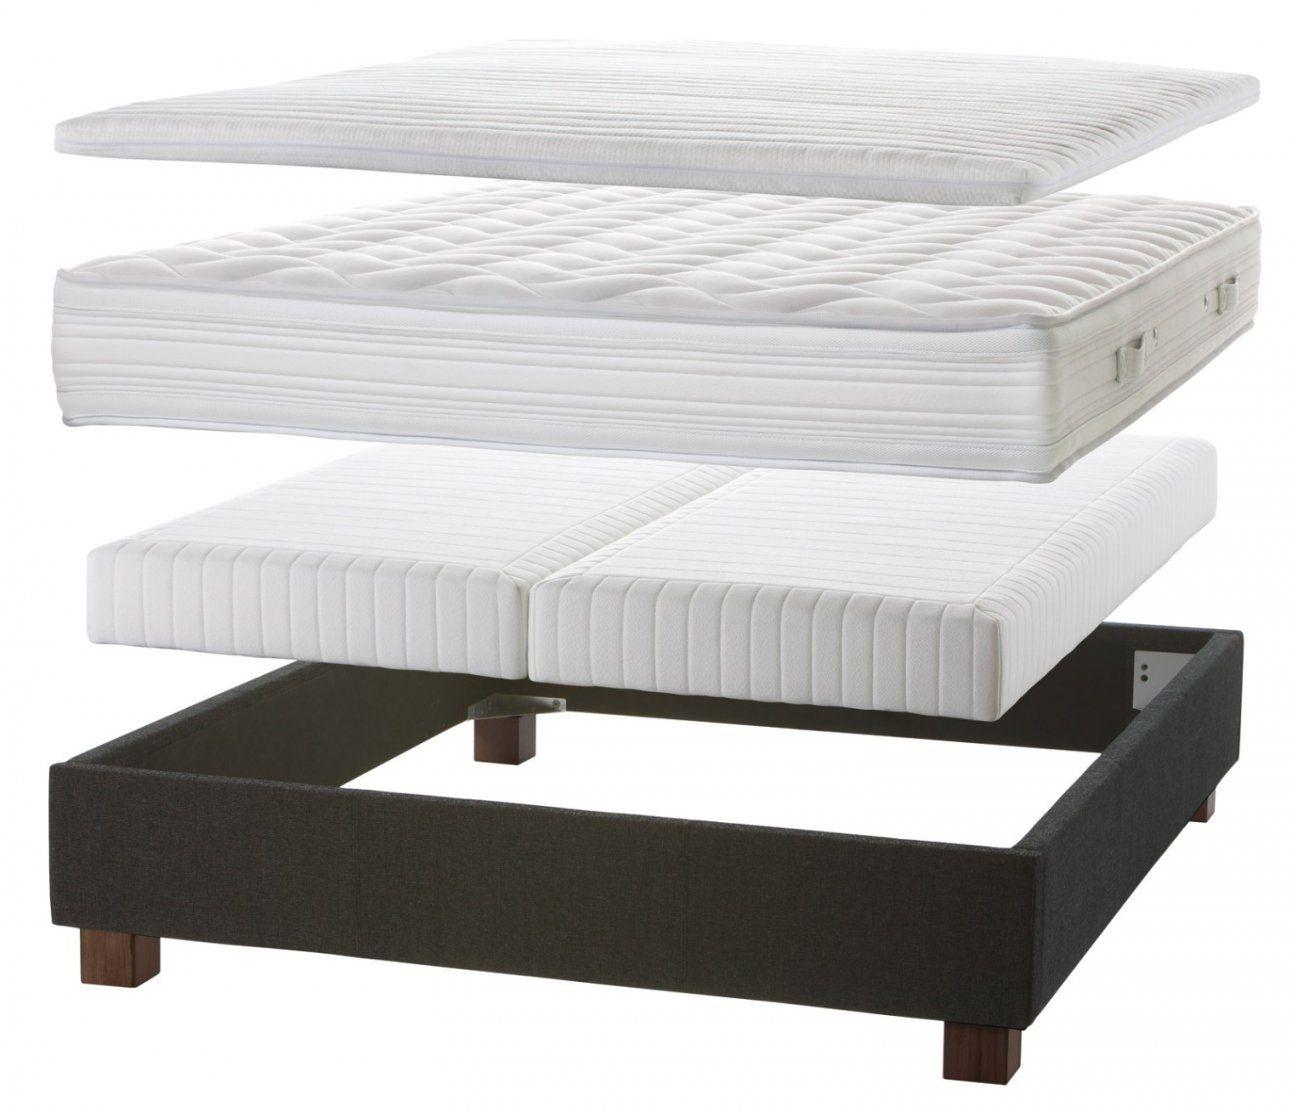 Neueste Futonbett0X200 Weis Bett Mit Matratze Und Lattenrost von Boxspring Betten Ohne Kopfteil Bild